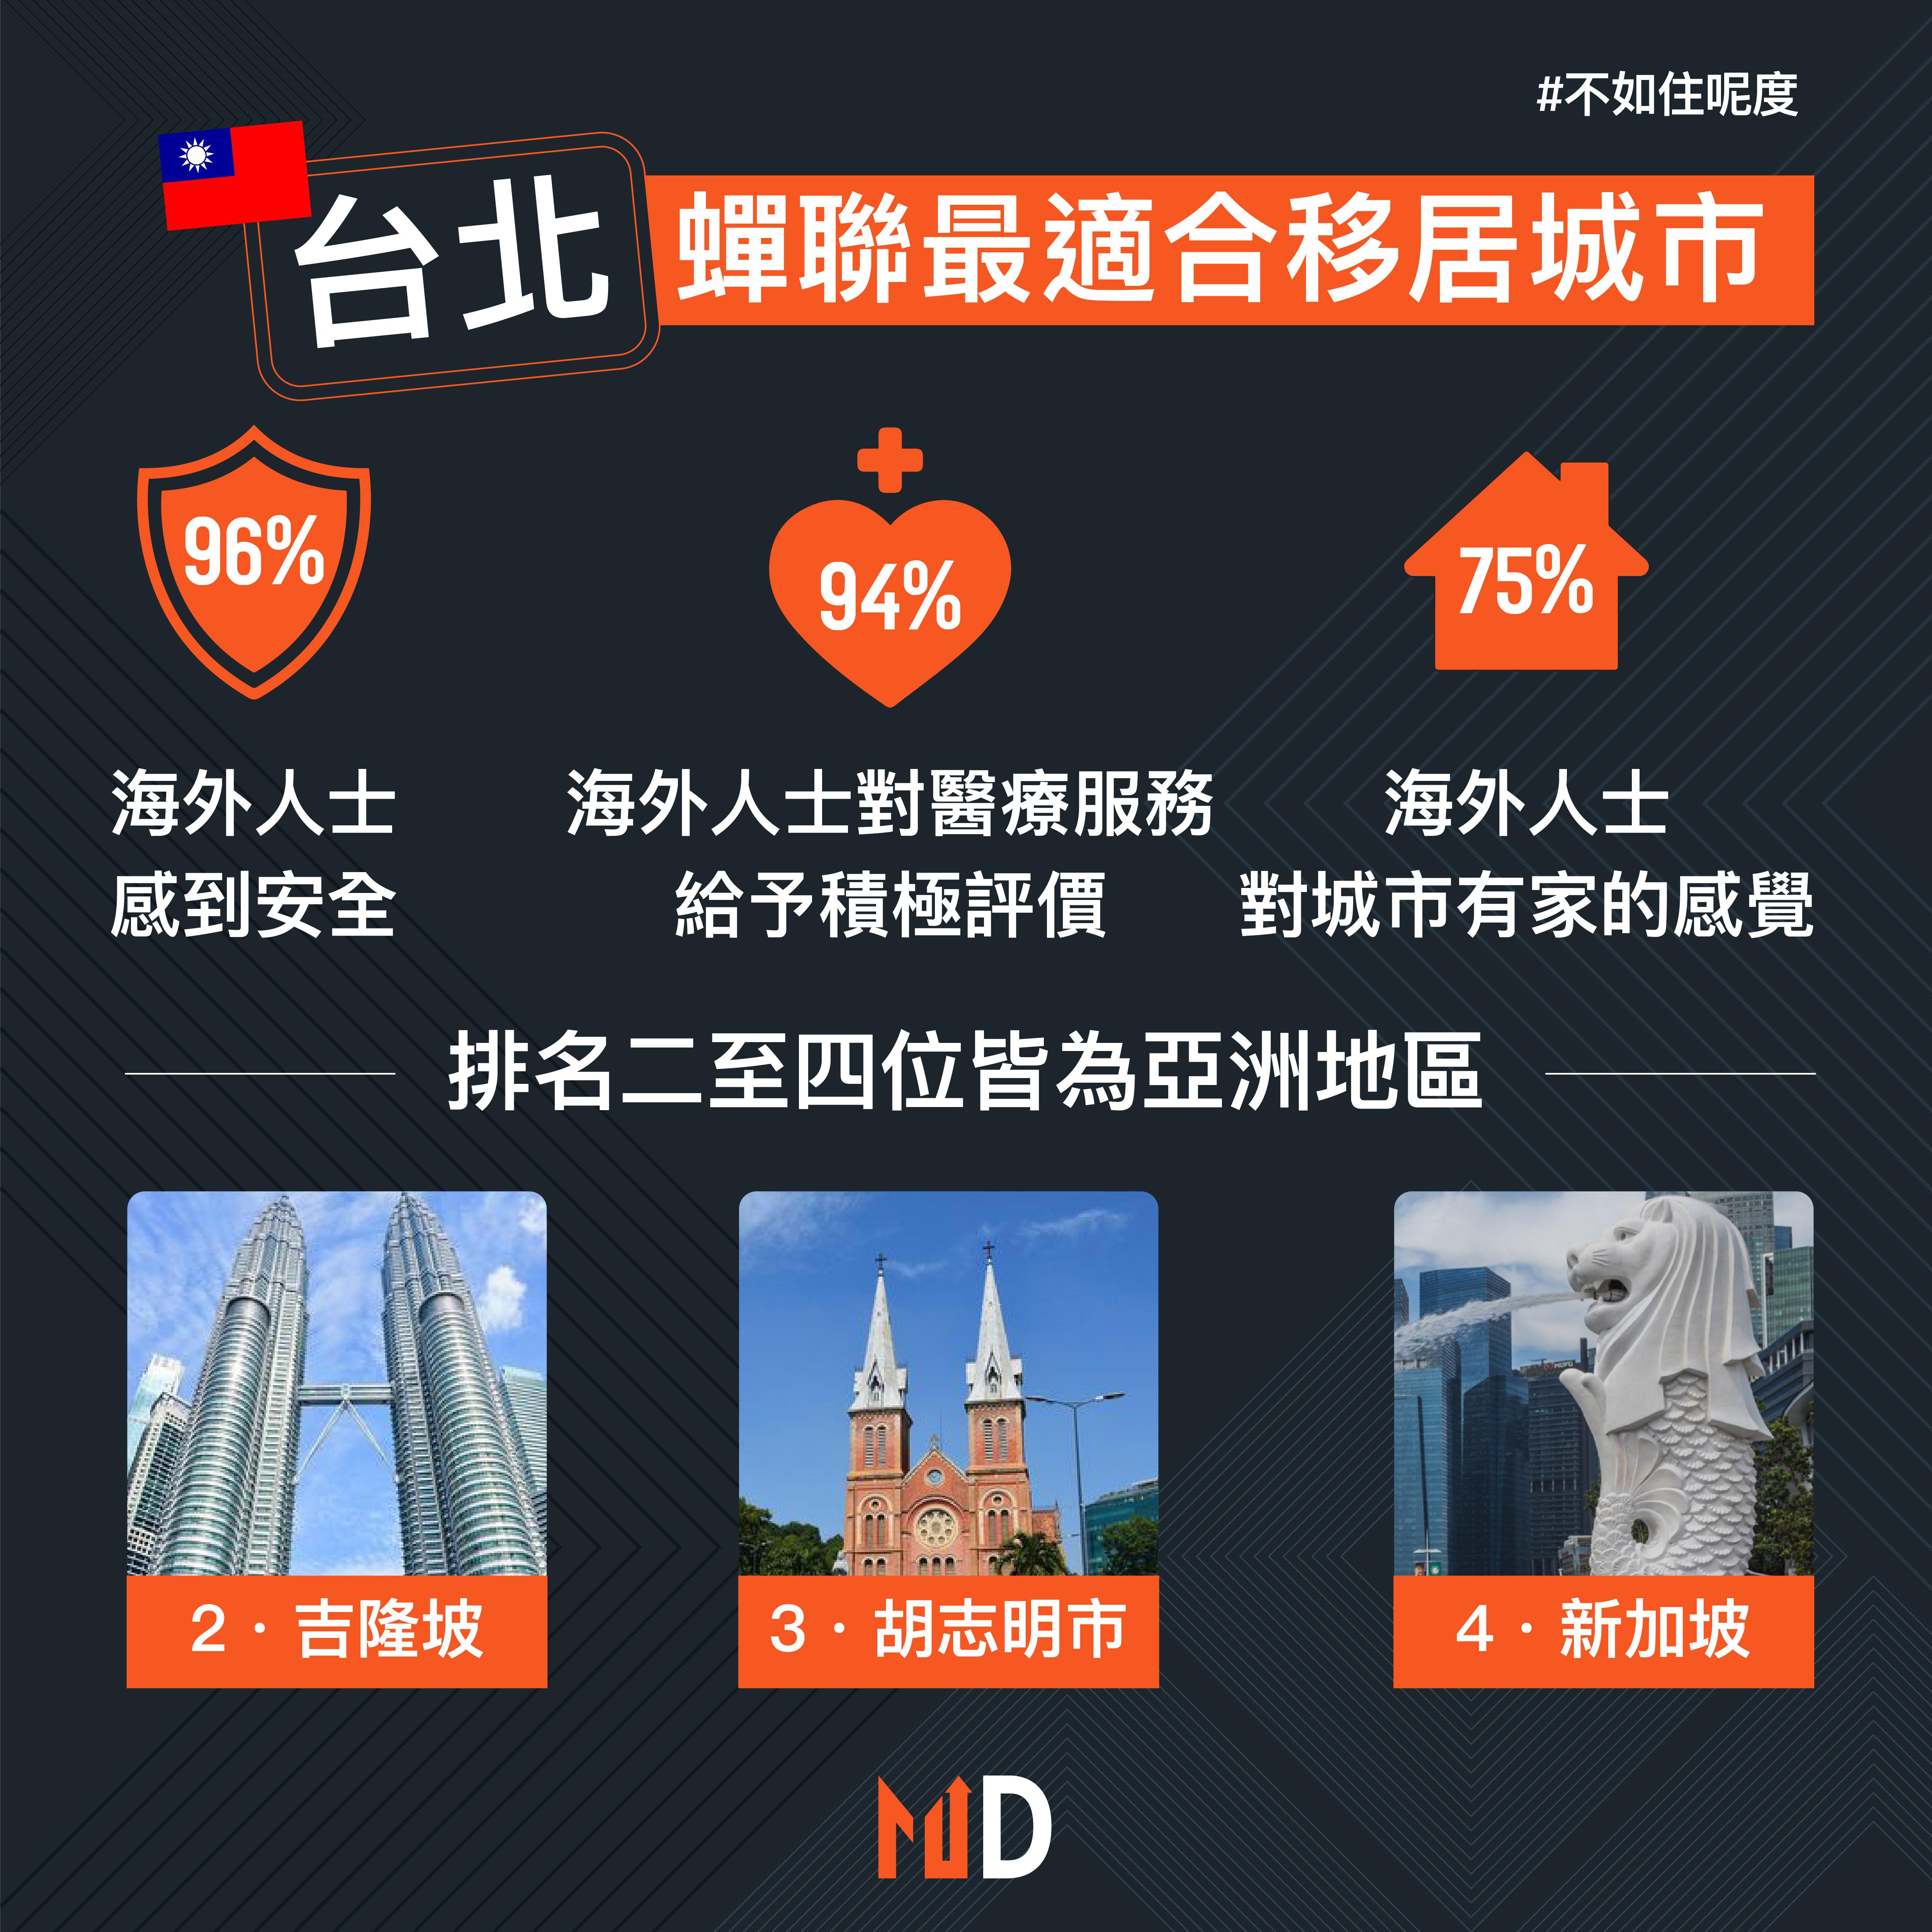 【不如住呢度】台北蟬聯最適合移居城市 二至四位皆為亞洲地區